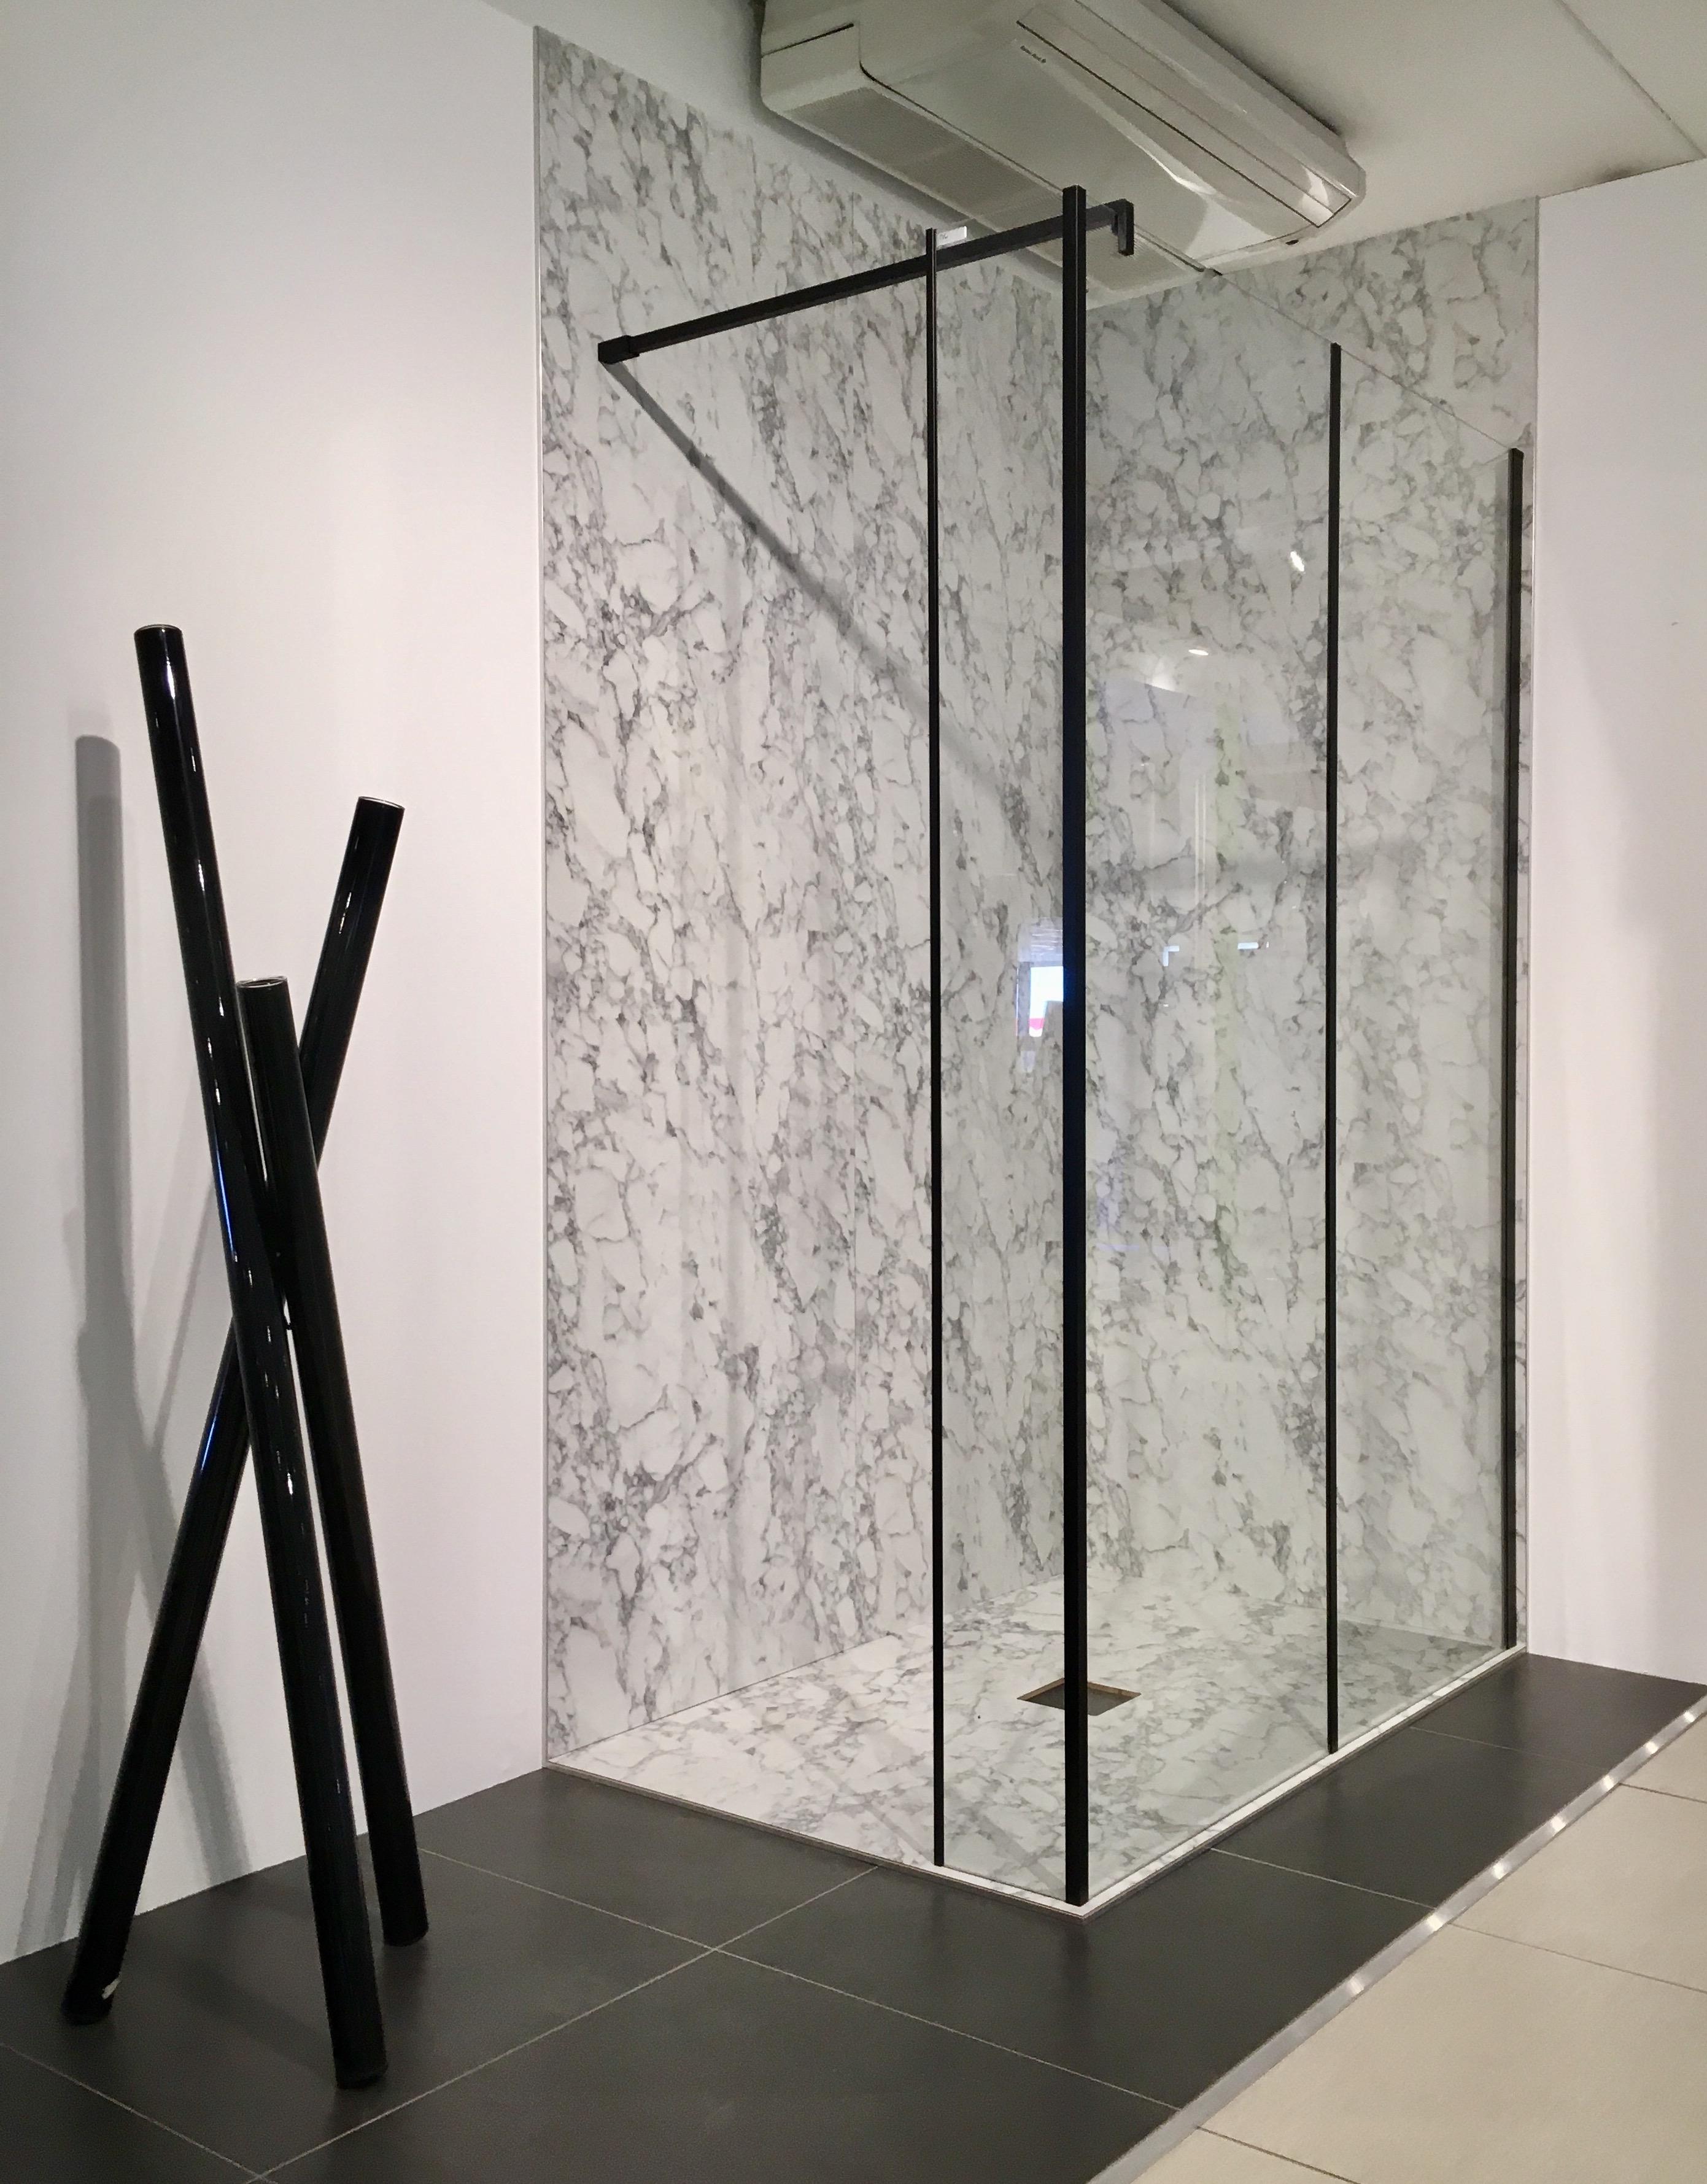 Glaswand met zwarte profielen